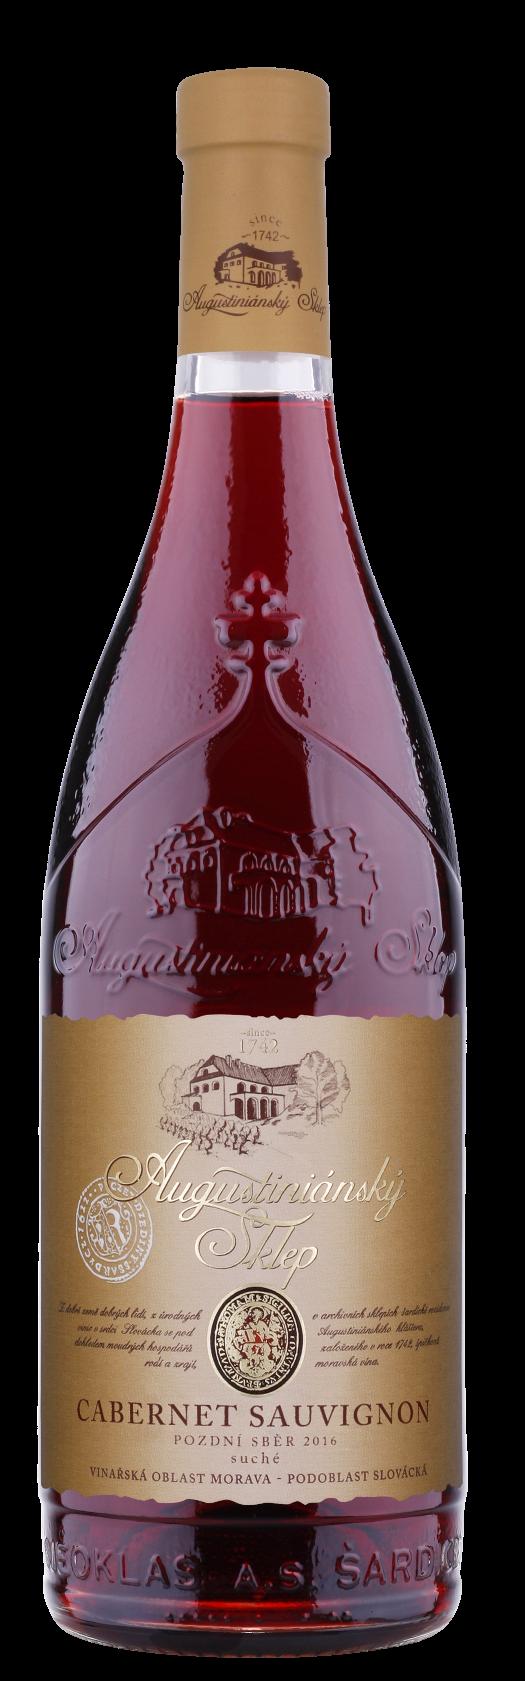 Cabernet sauvignon 2017, přívlastkové PS, Vinařství Neoklas